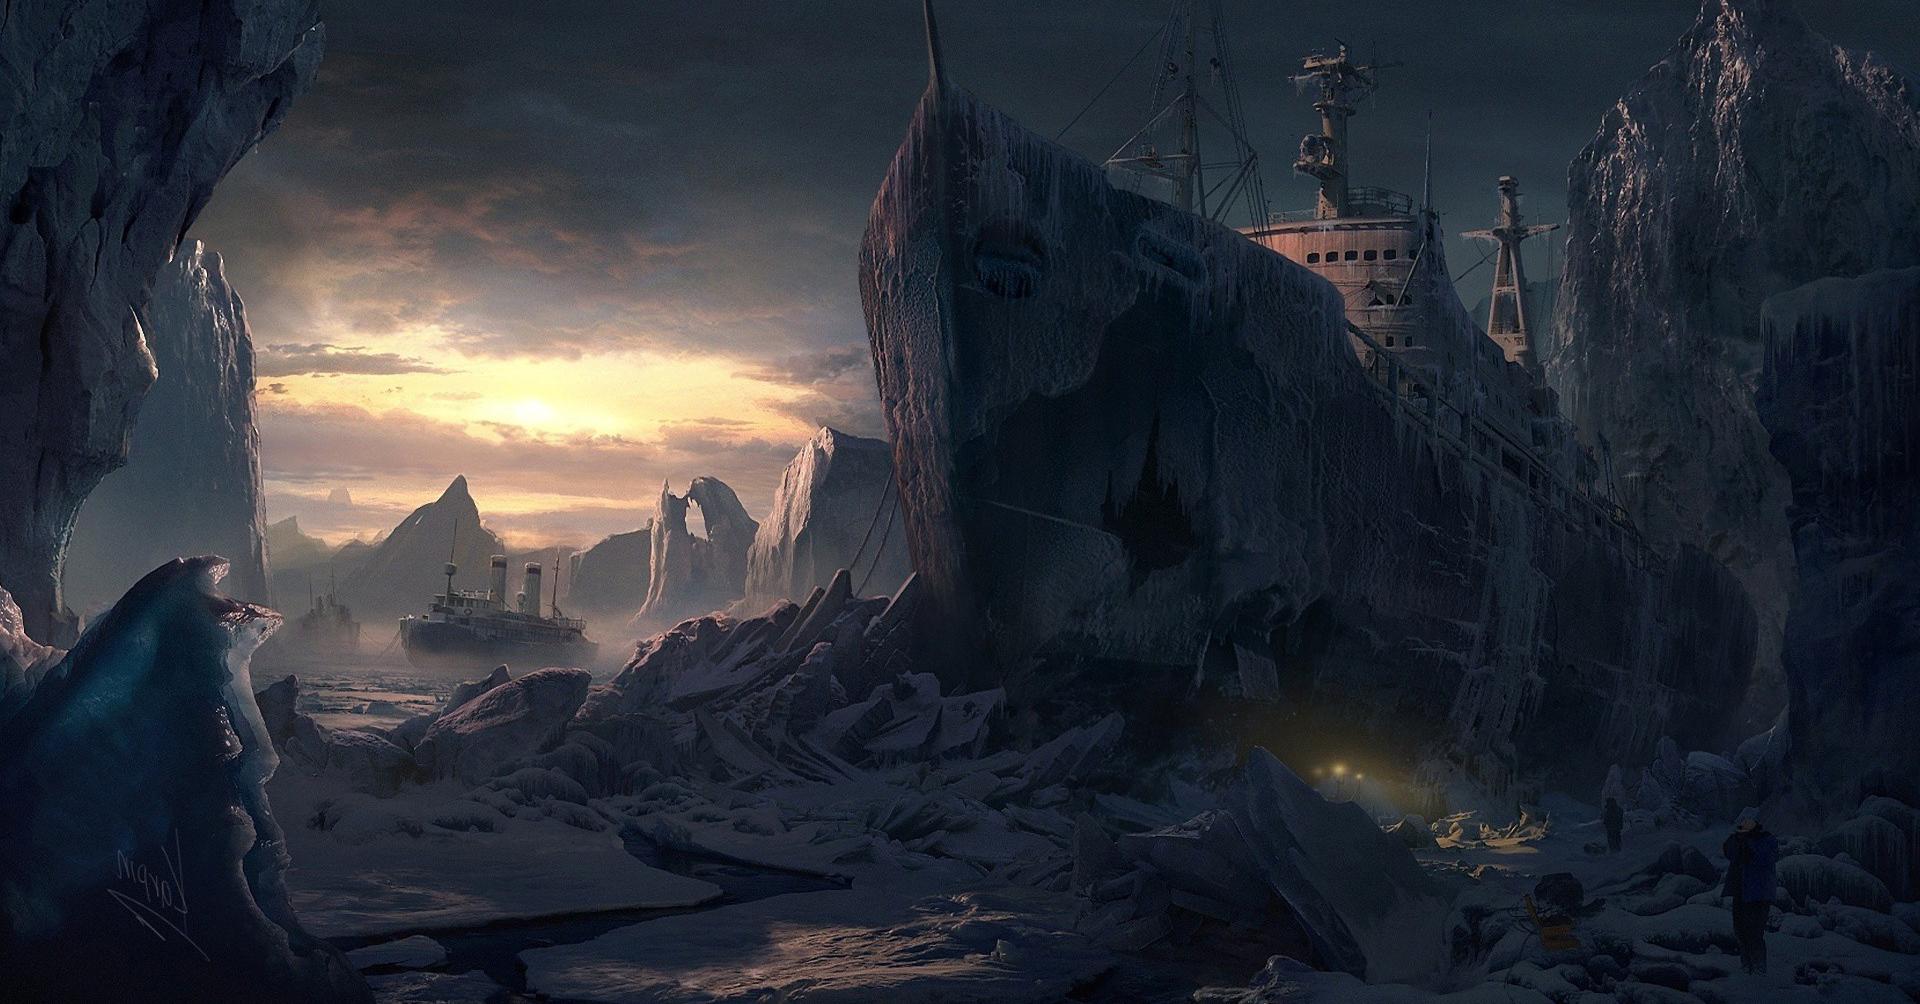 Sfondi paesaggio cielo ghiaccio atmosfera for Immagini astratte per desktop